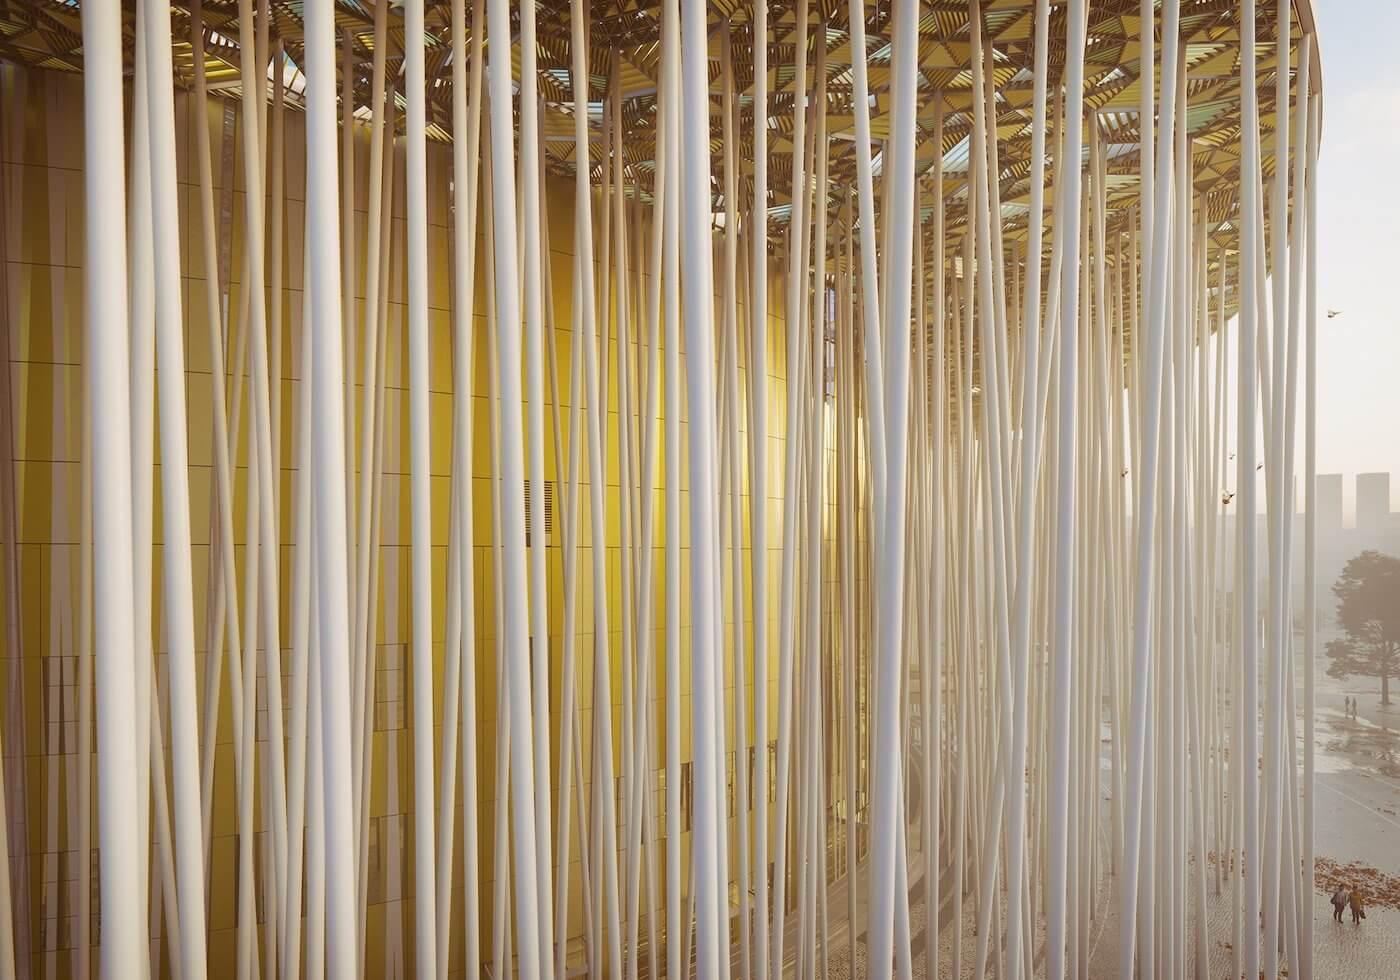 Phase Italia Blog - Il teatro ispirato ad una foresta di bambù - vista delle fitte colonne che formano una foresta di bambù